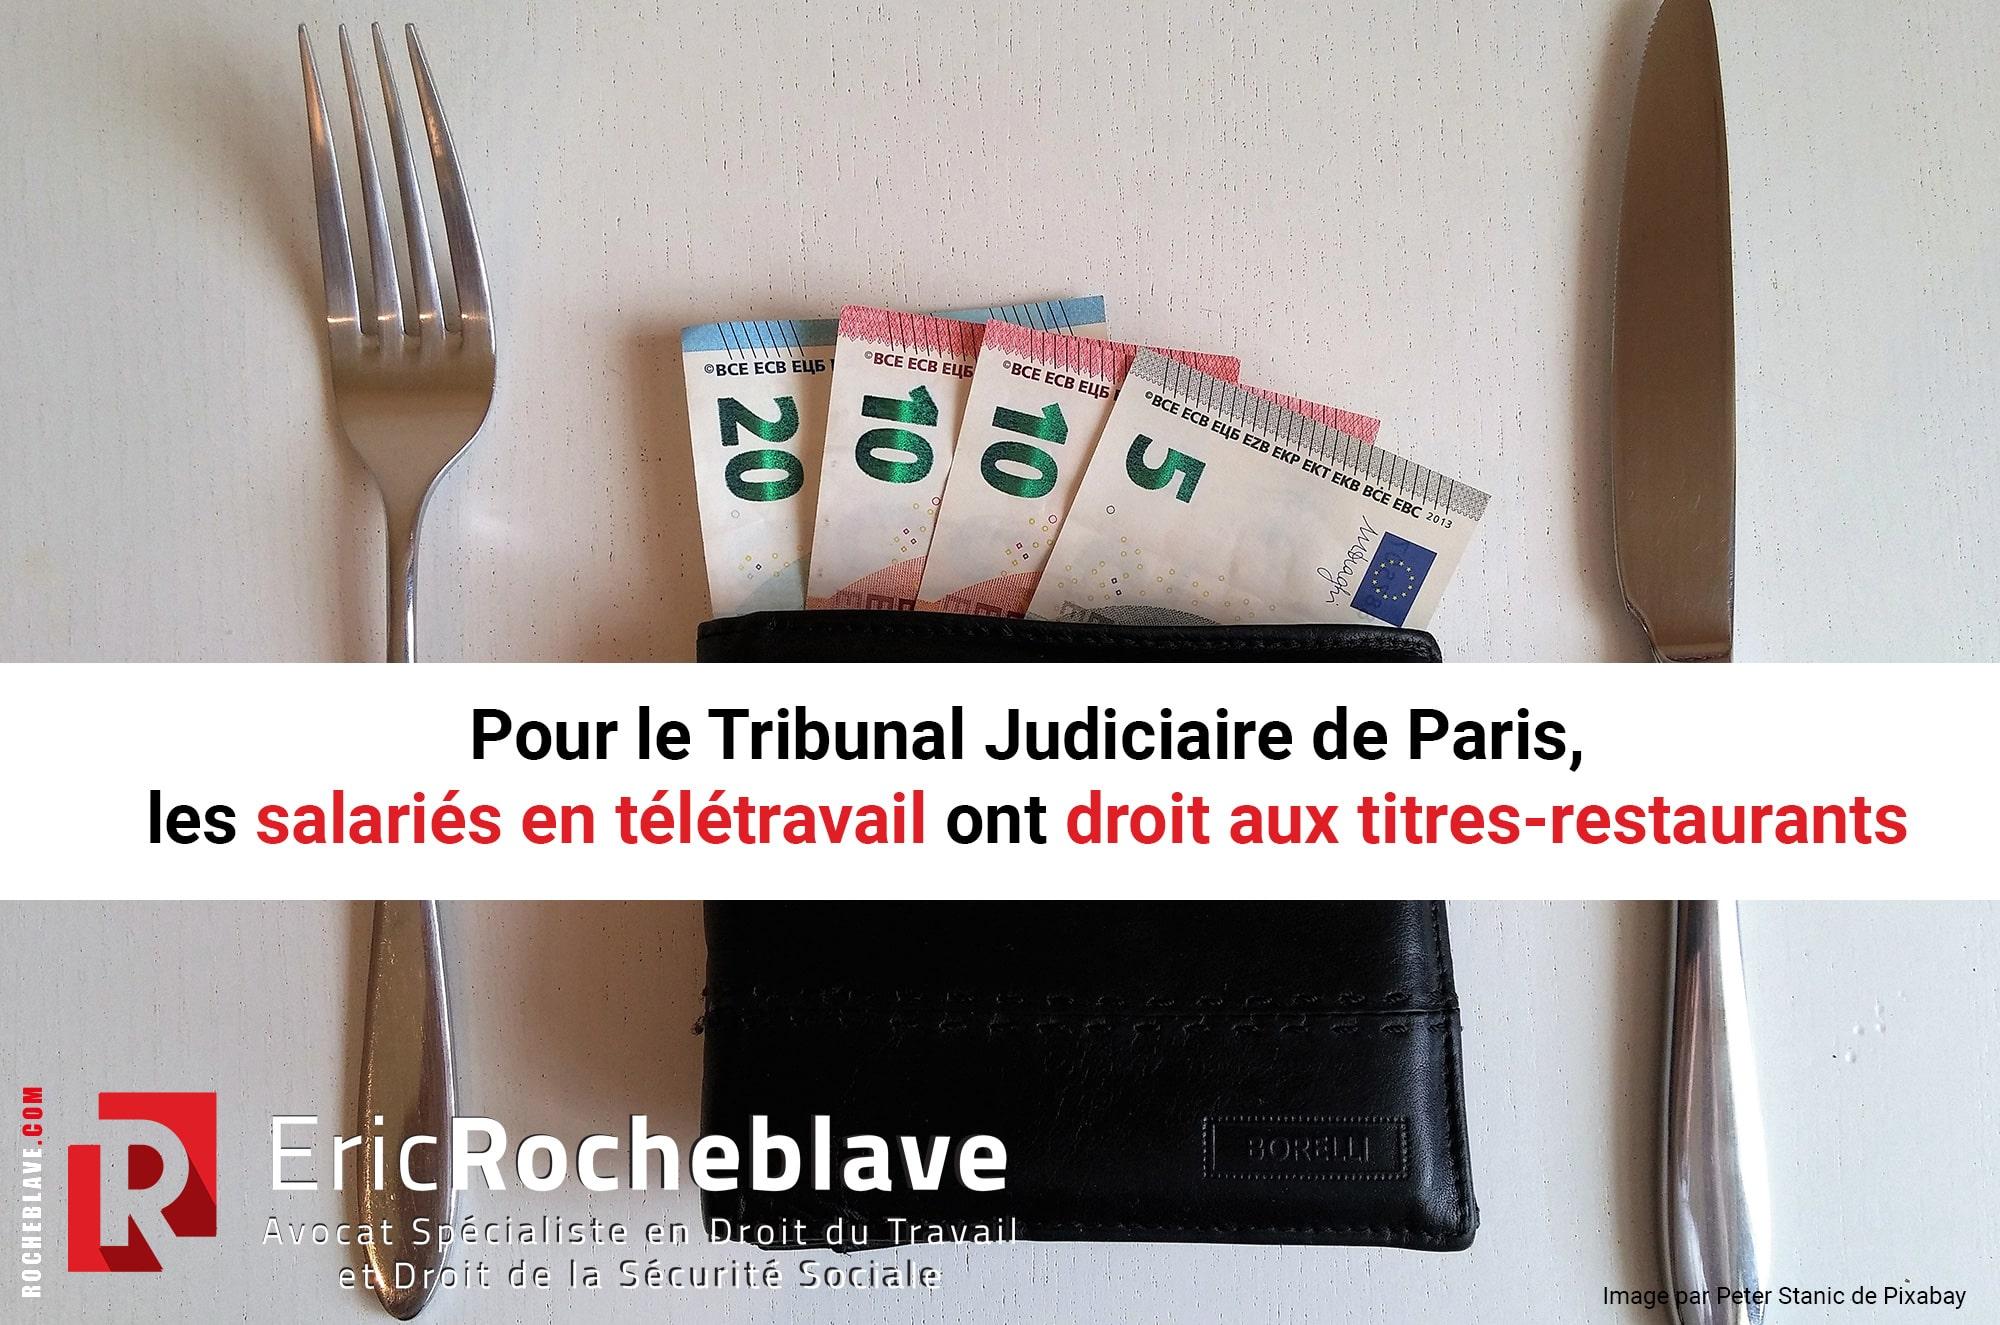 Pour le Tribunal Judiciaire de Paris, les salariés en télétravail ont droit aux titres-restaurants